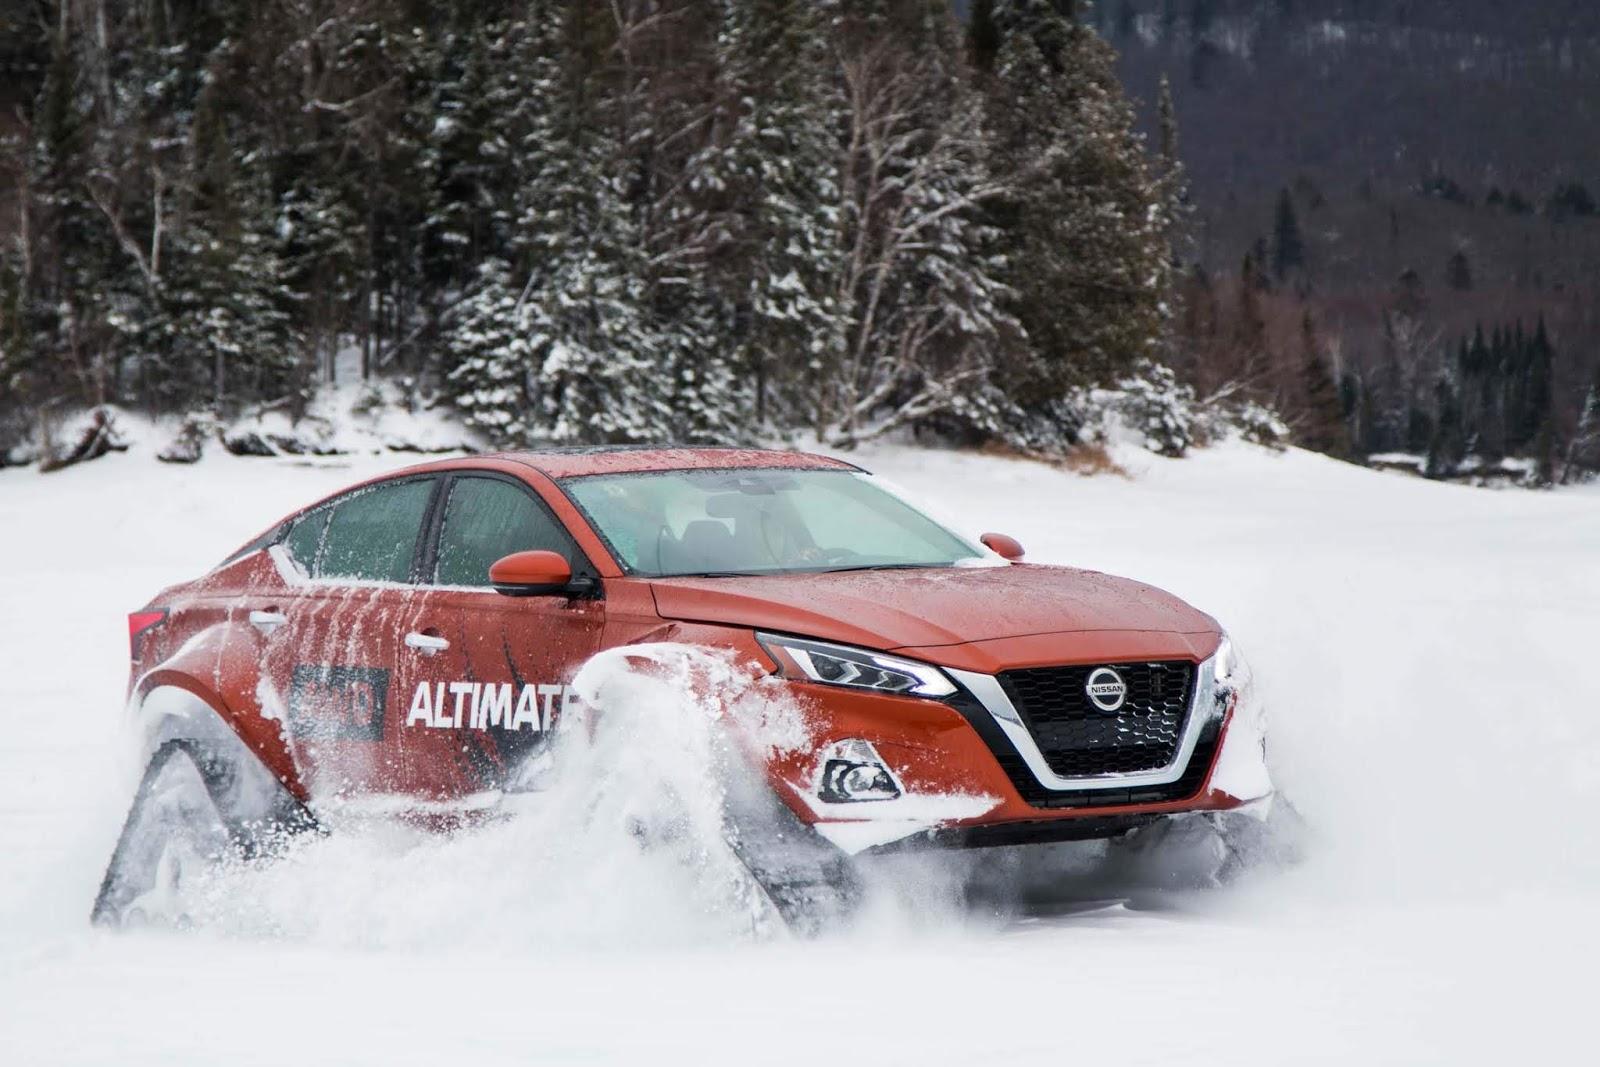 Παγκόσμιο ντεμπούτο για το  Nissan Altima-te AWD  στον Καναδά (ΒΙΝΤΕΟ)